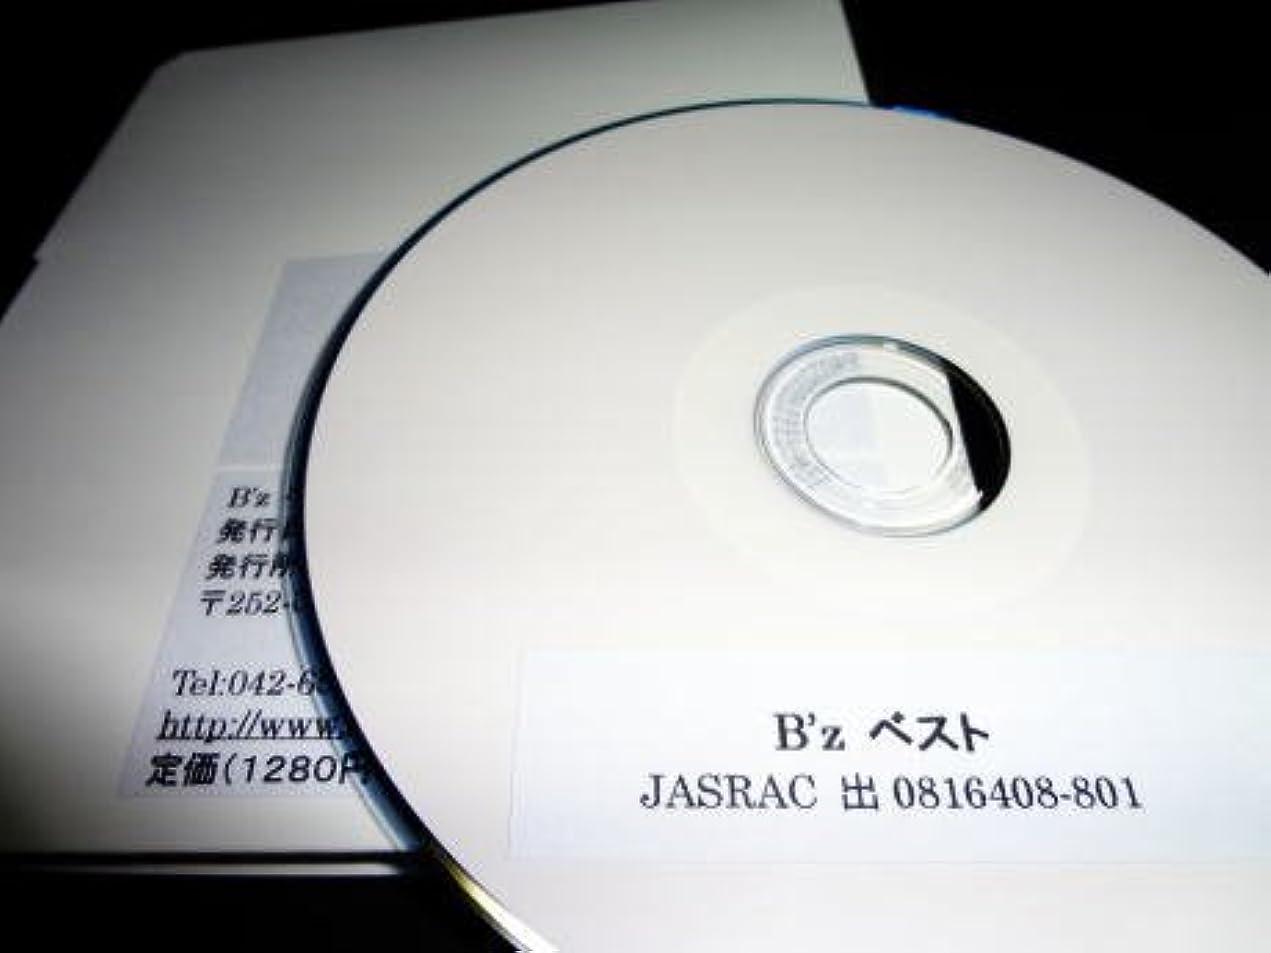 ギターコード譜シリーズ(CD-R版)/B'z ベスト(全201曲収録)